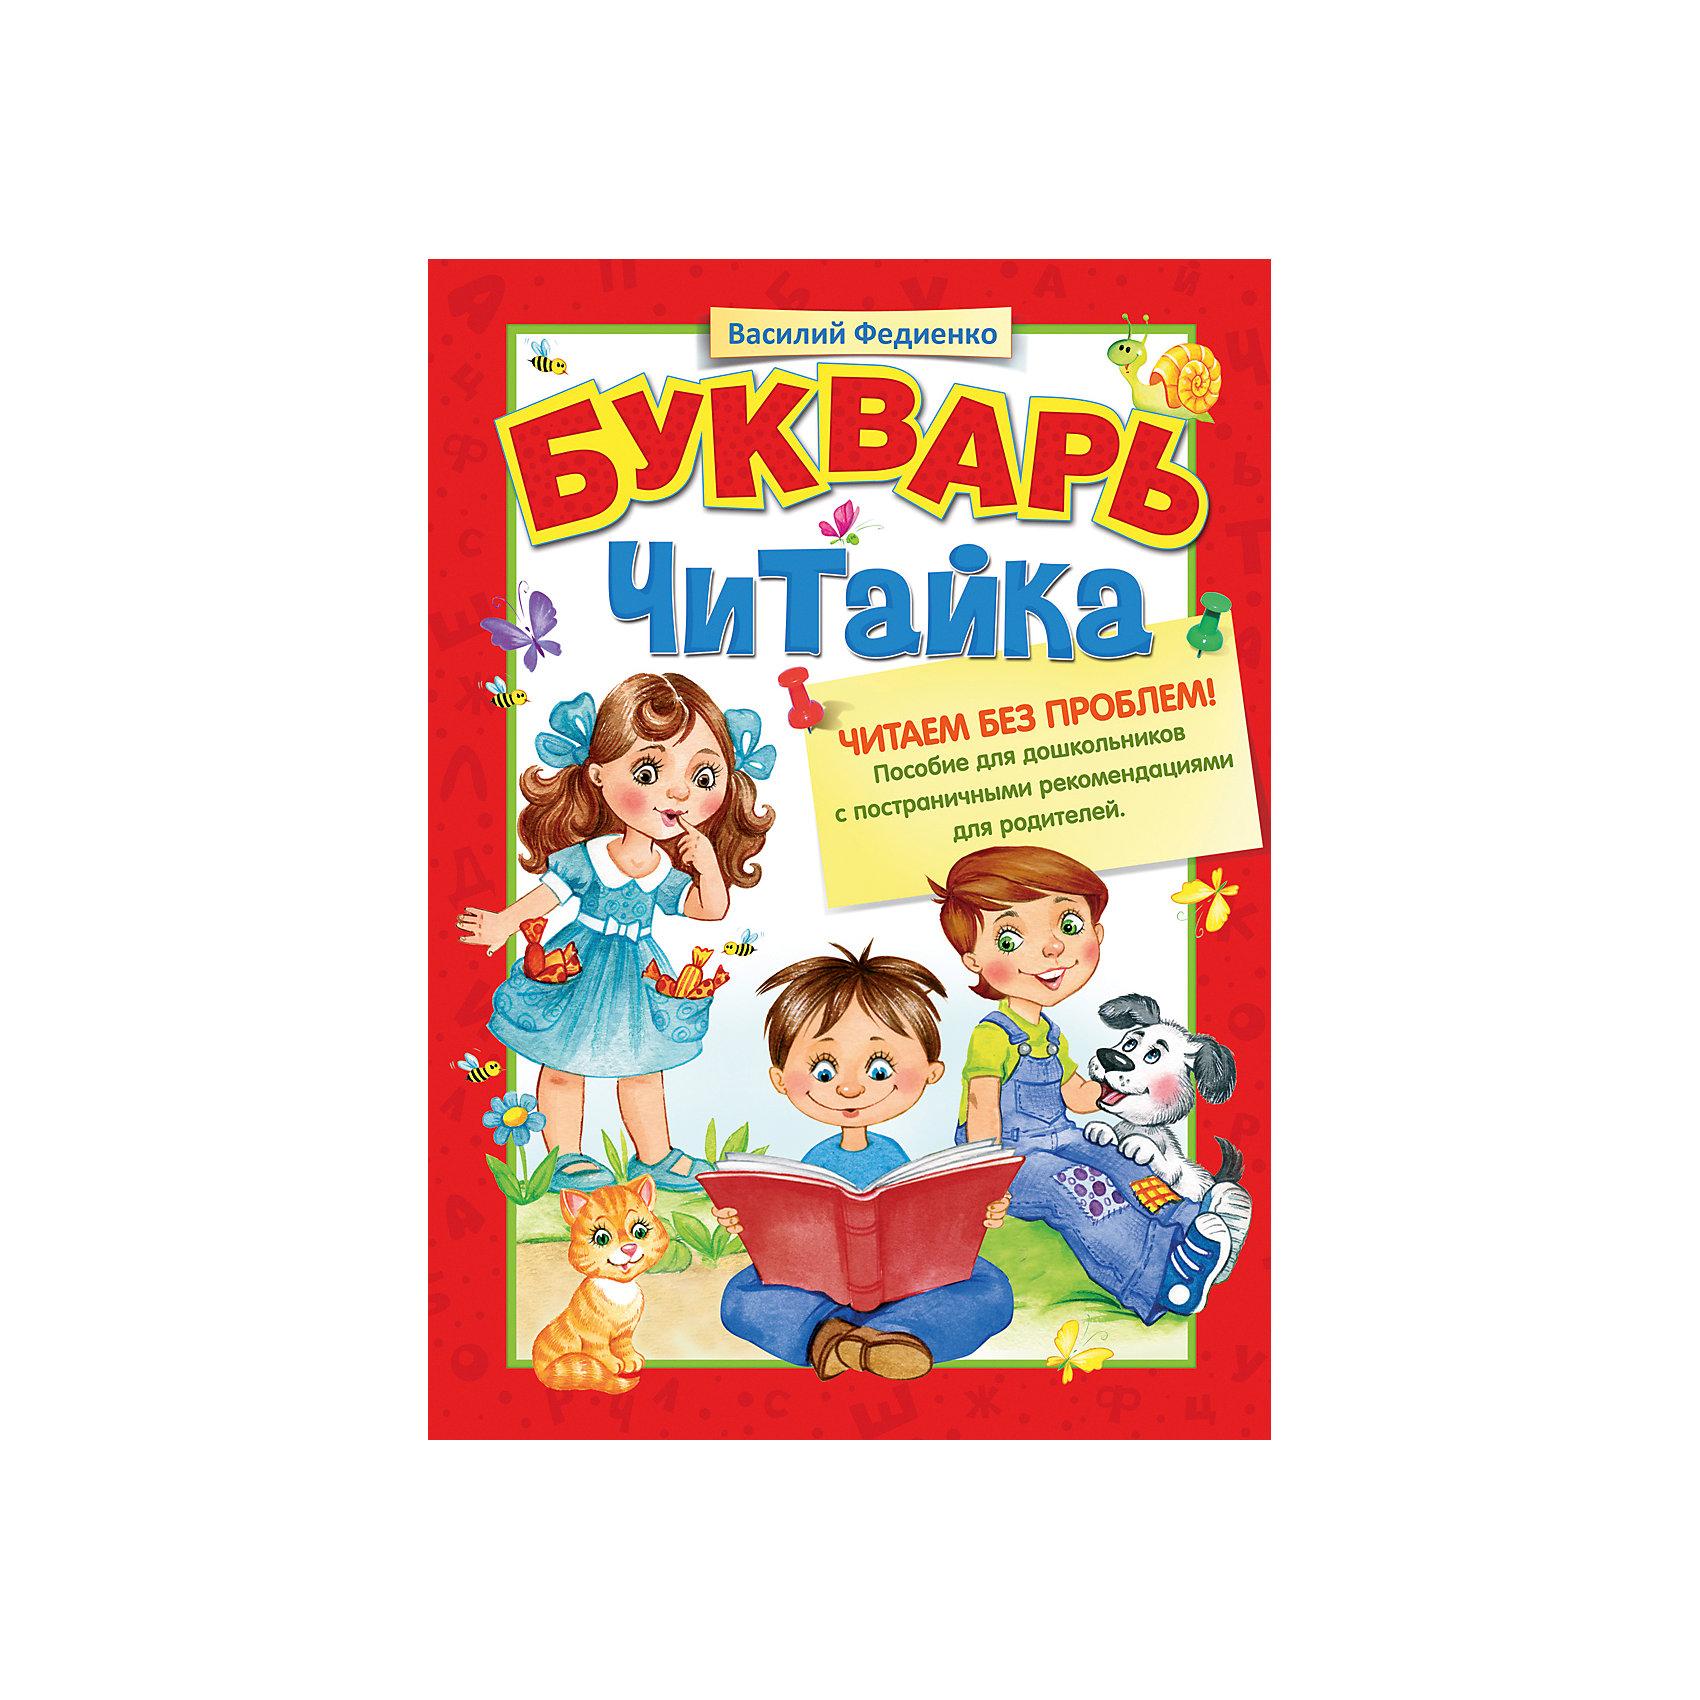 Букварь ЧитайкаАзбуки<br>Характеристики товара:<br><br>- цвет: разноцветный;<br>- материал: бумага;<br>- страниц: 96;<br>- формат: 29 х 20 см;<br>- обложка: твердая;<br>- развивающее издание.<br><br>Это интересное развивающее издание станет отличным подарком для родителей и ребенка. Оно содержит в себе рассказы, стихи и рисунки, с помощью которых читать научиться гораздо проще. Всё представлено в очень простой форме! Этот букварь поможет привить любовь к учебе!<br>Чтение и обучение ему помогает ребенку развивать зрительную память, концентрацию внимания и воображение. Издание произведено из качественных материалов, которые безопасны даже для самых маленьких.<br><br>Издание Букварь Читайка от компании Росмэн можно купить в нашем интернет-магазине.<br><br>Ширина мм: 290<br>Глубина мм: 205<br>Высота мм: 12<br>Вес г: 469<br>Возраст от месяцев: 60<br>Возраст до месяцев: 84<br>Пол: Унисекс<br>Возраст: Детский<br>SKU: 5110014